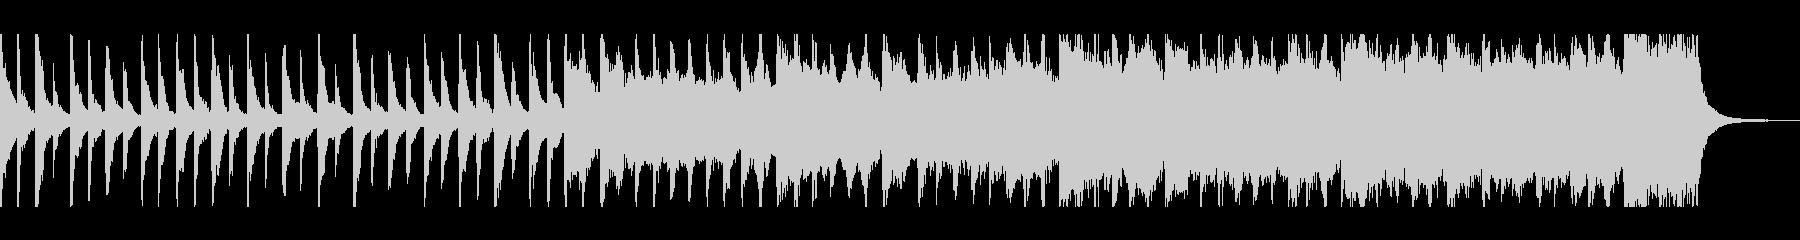 混沌/カオス/幻想:ピアノ・ストリングスの未再生の波形